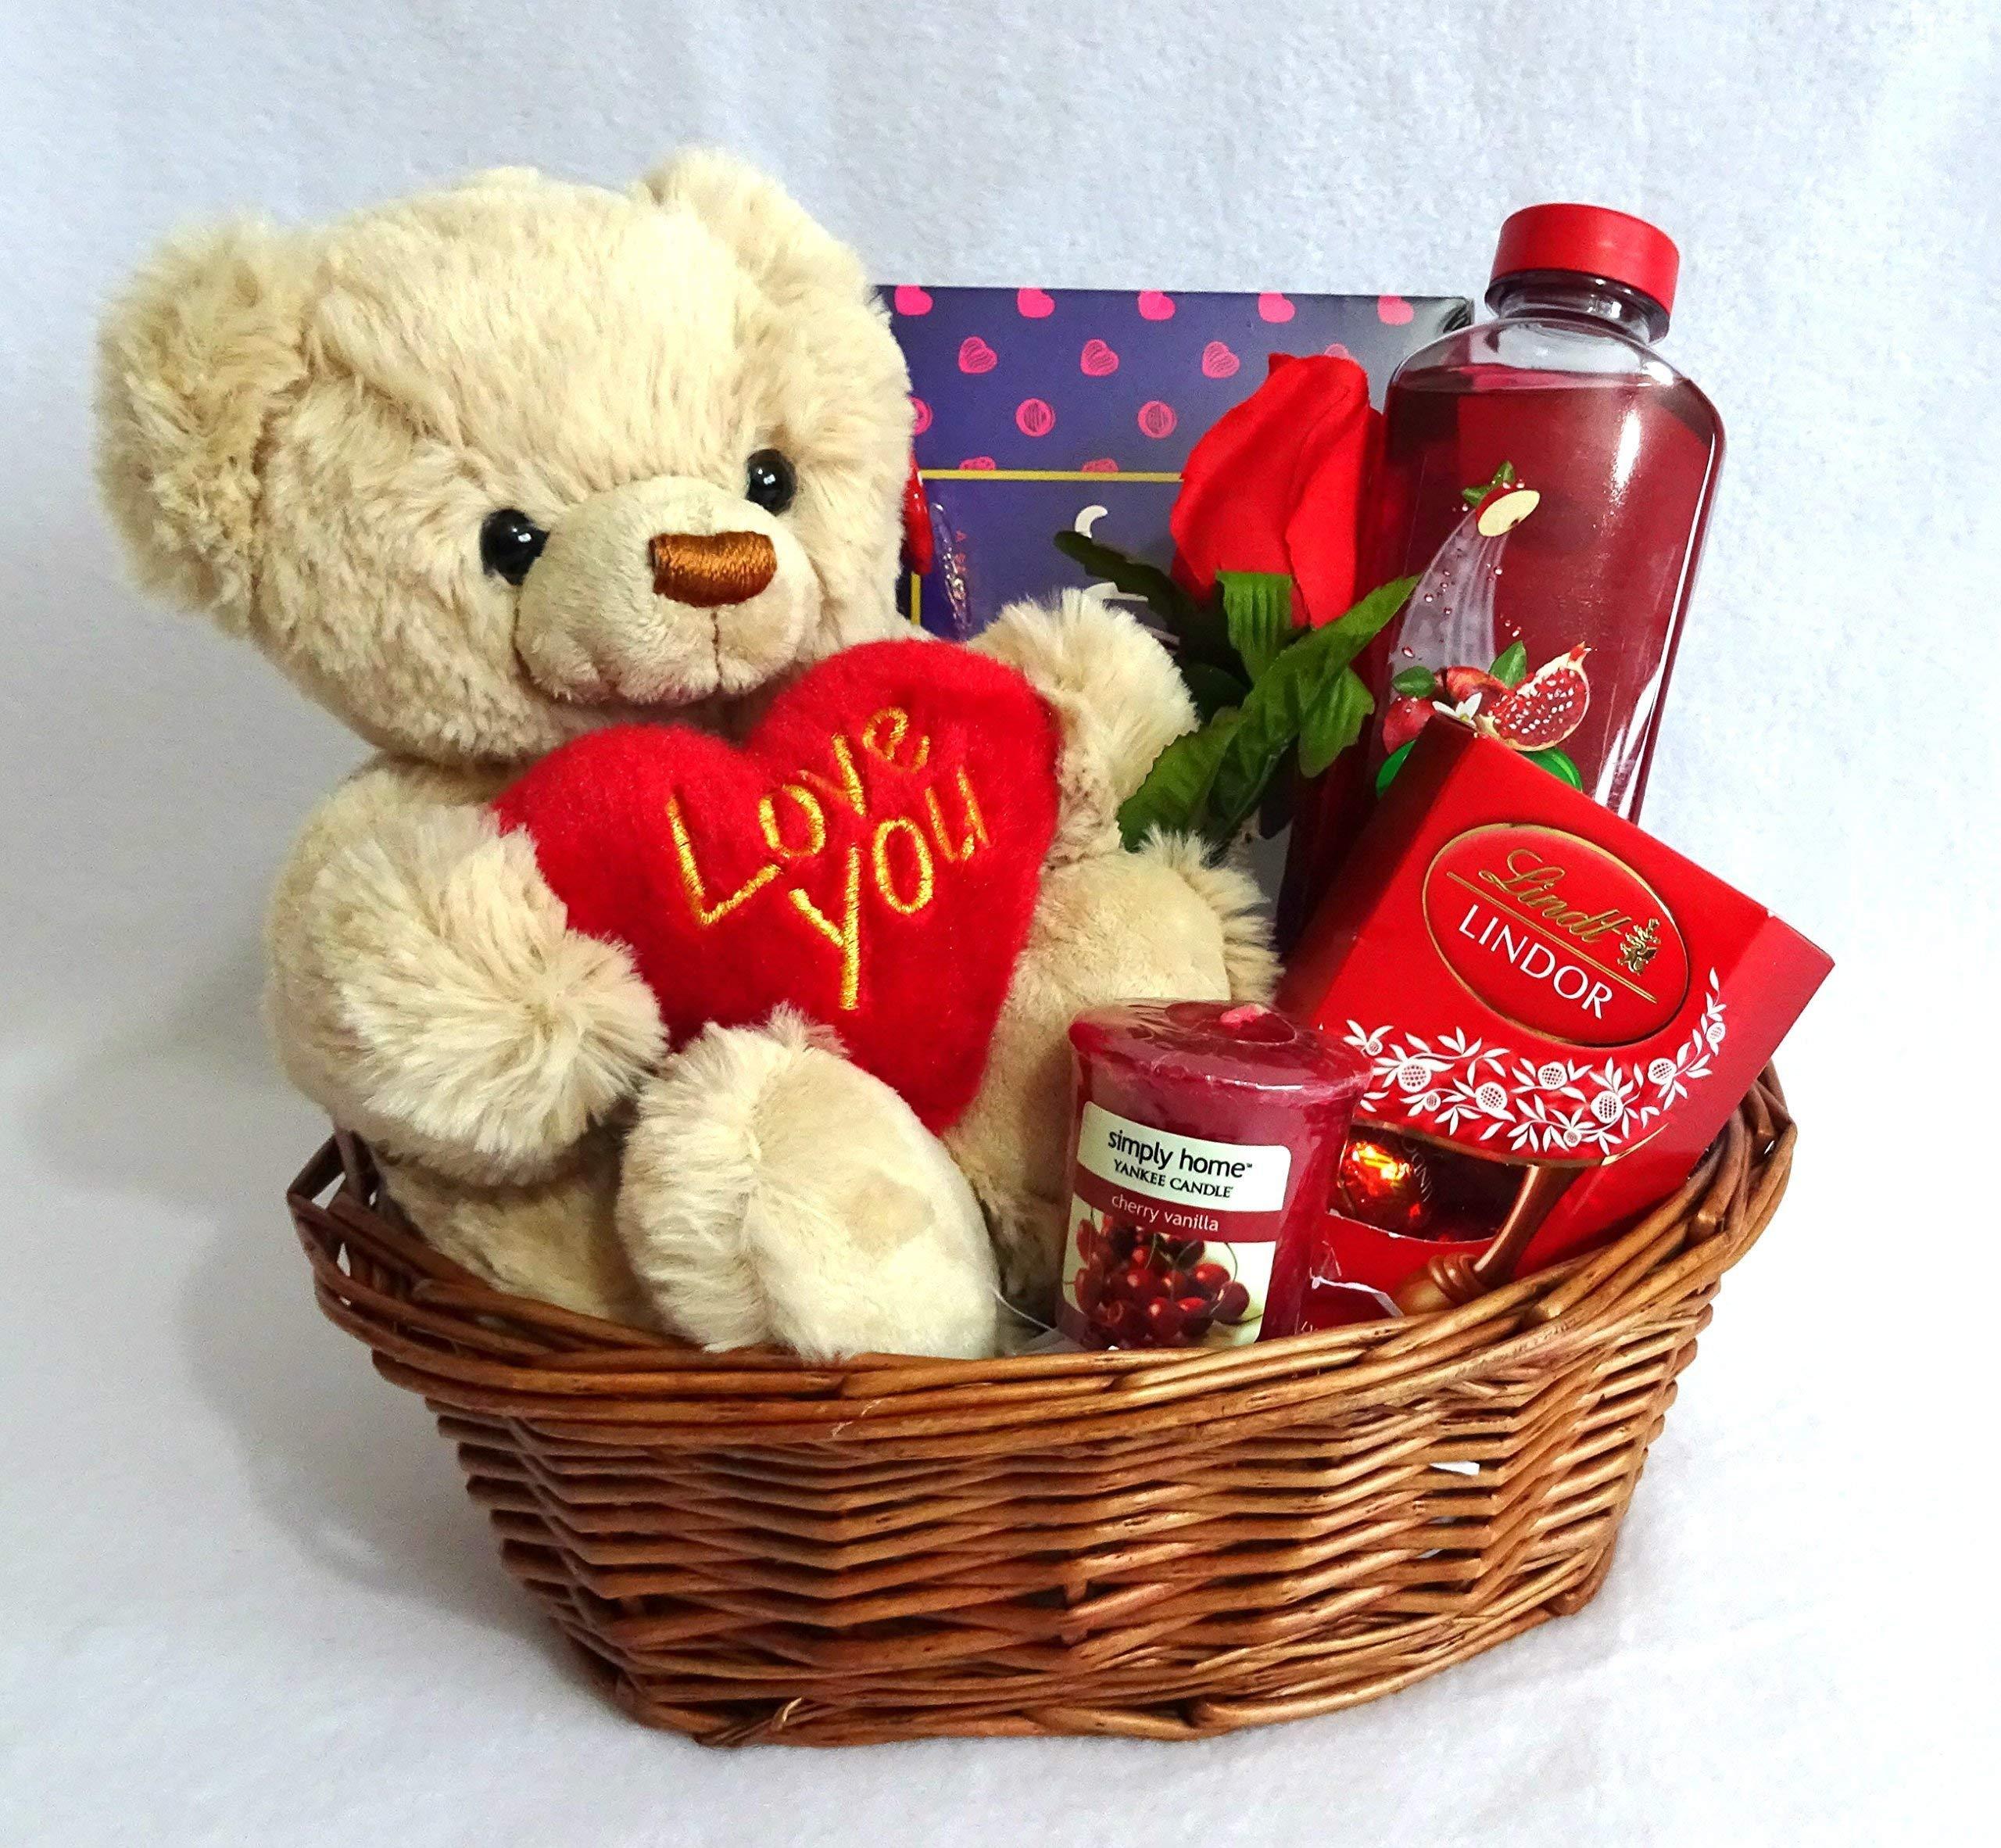 Valentines Day Gift Basket Hamper For He Buy Online In Malta At Desertcart